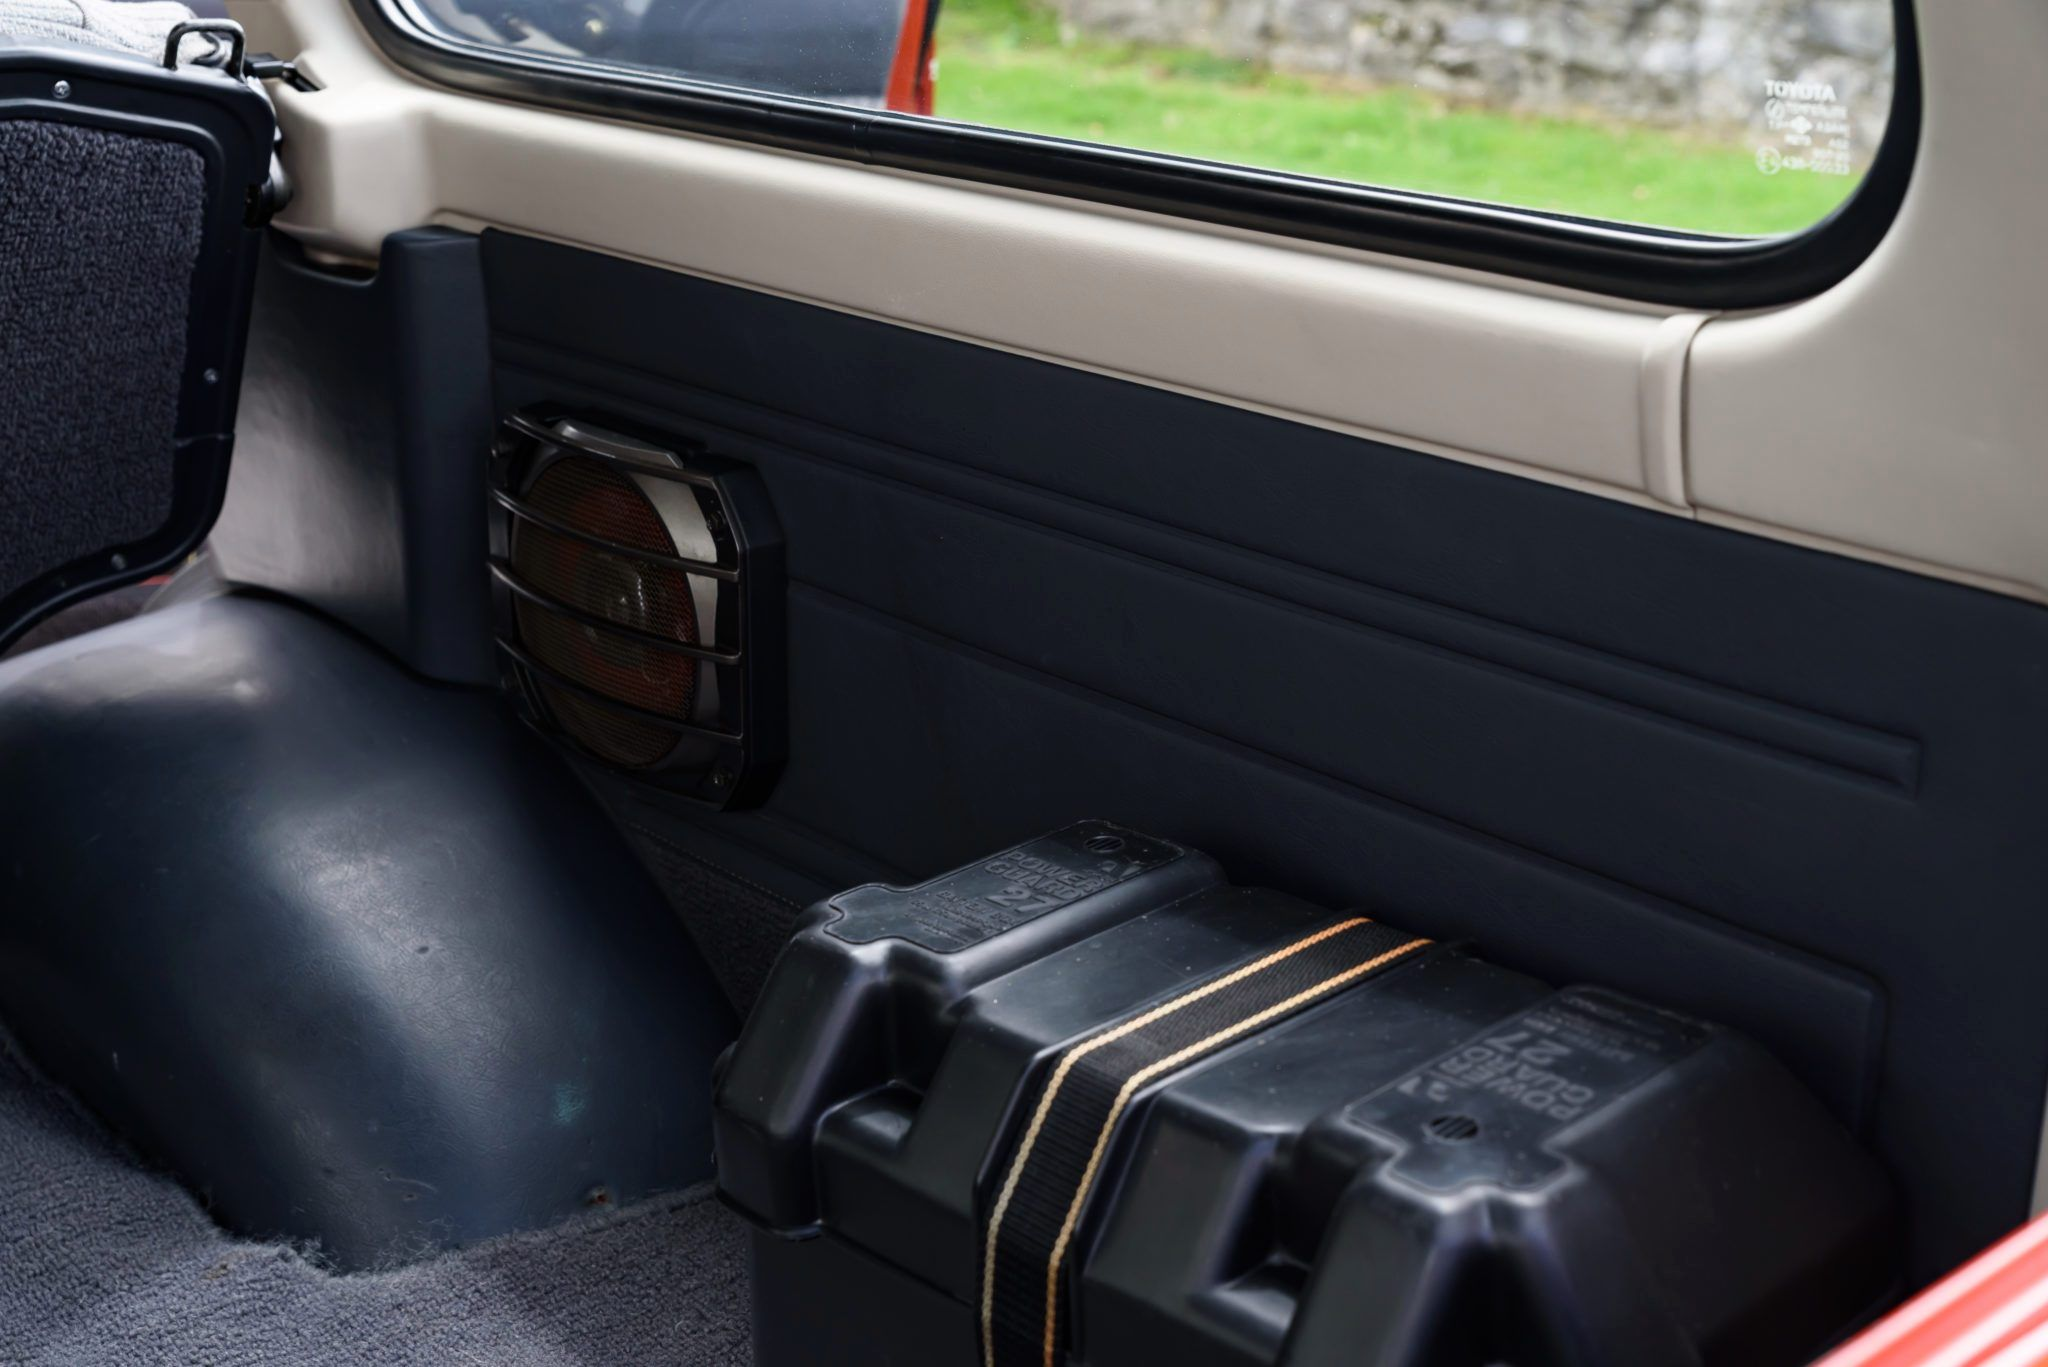 Pin On Trucks 4x4 4